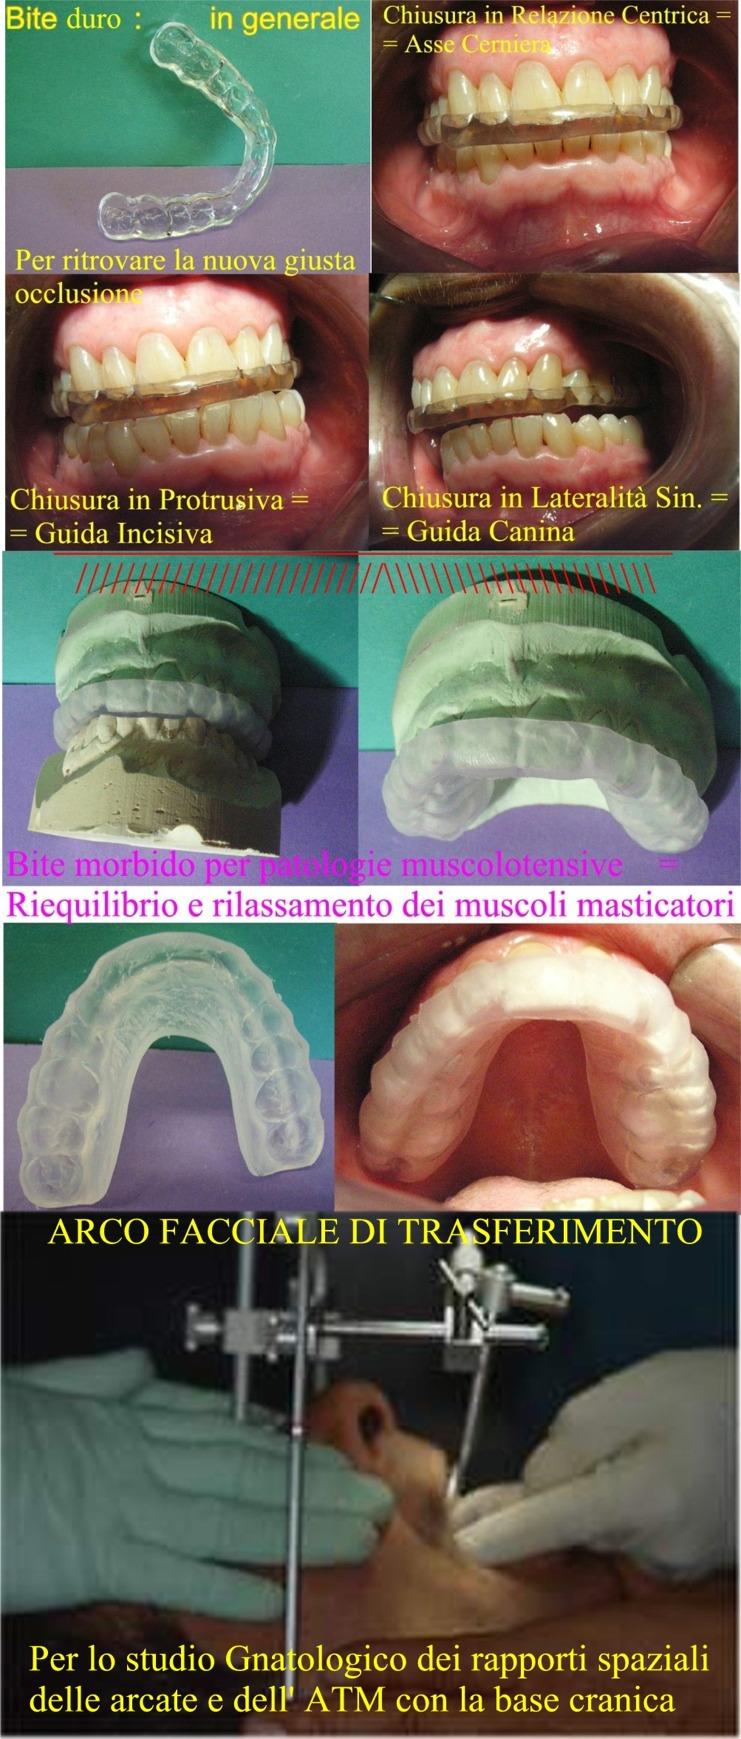 Diversi tipi di Bite e Arco Facciale di Trasferimento per la Diagnosi Gnatologica. Da casistica Clinica del Dr. Gustavo Petti Gnatologo e Parodontologo di Cagliari